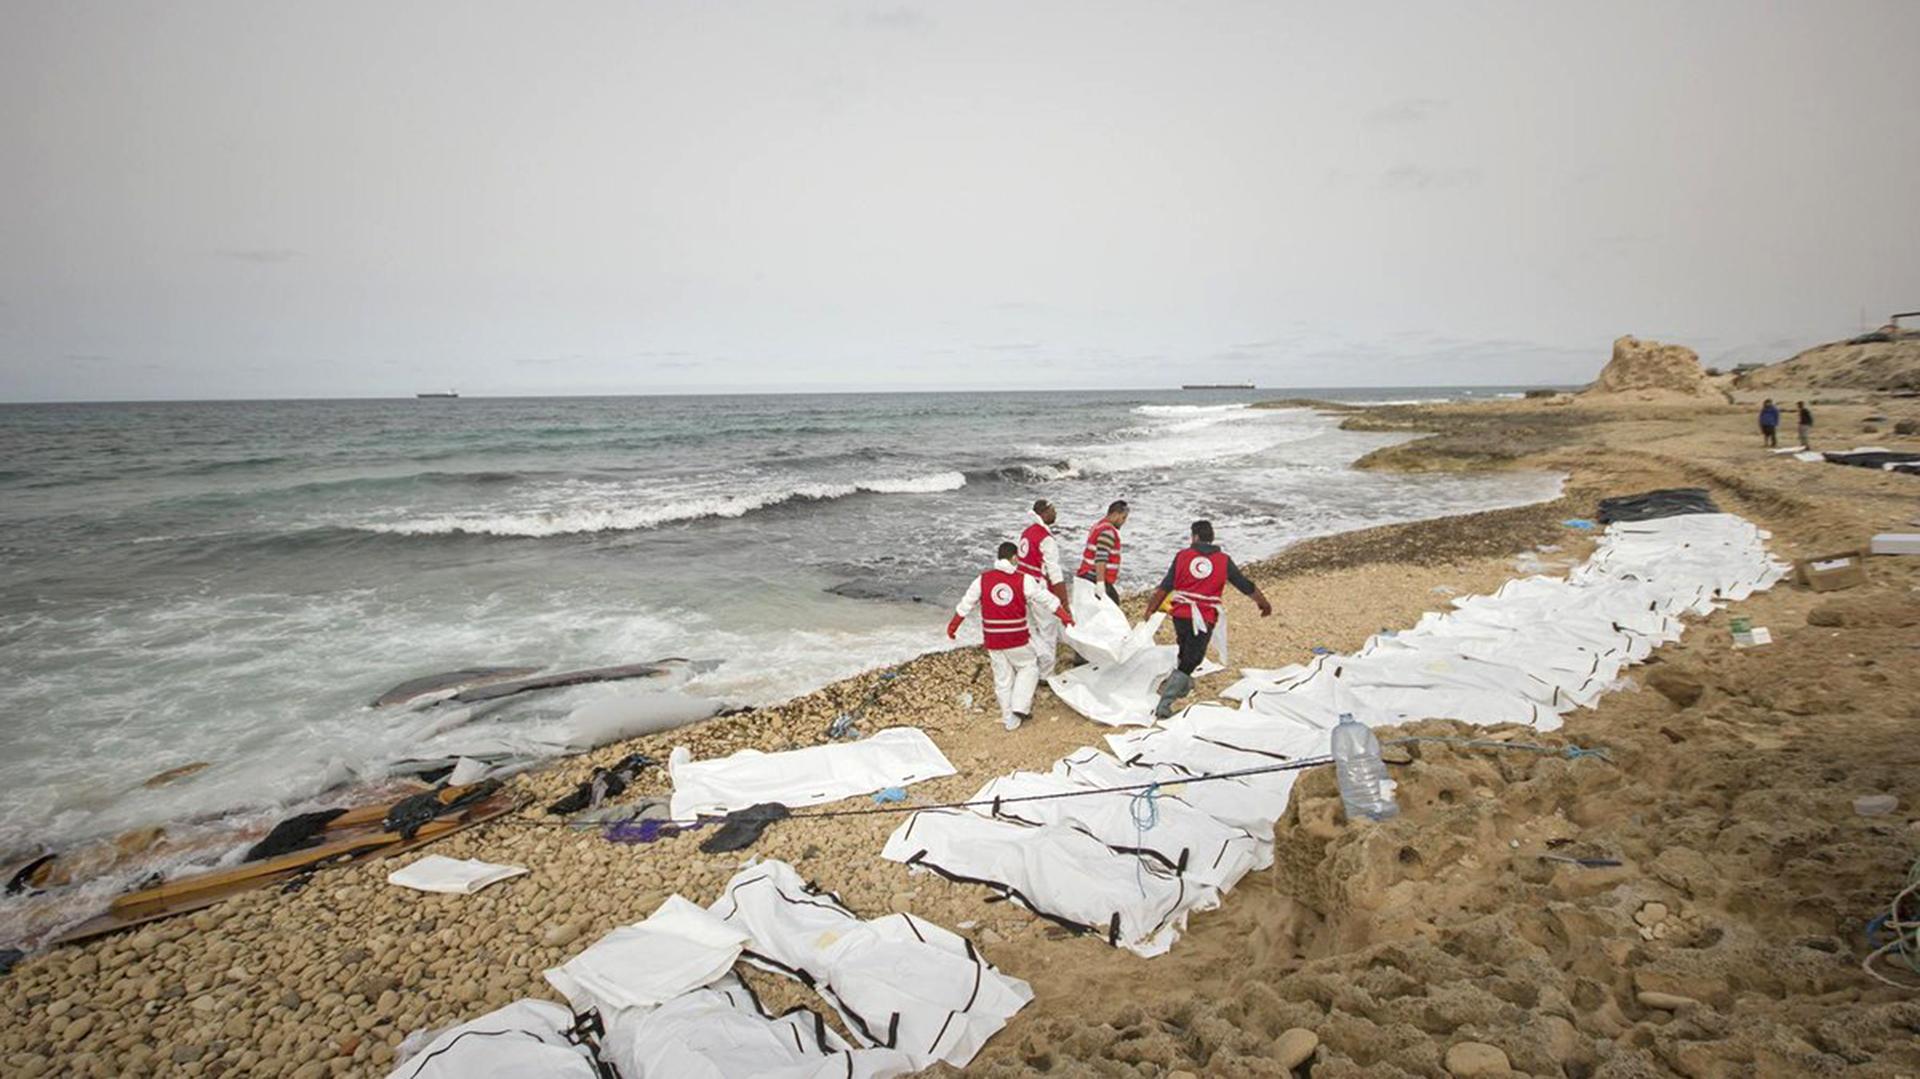 Refugiados muertos en las costas de Libia (@IFRC_MENA)